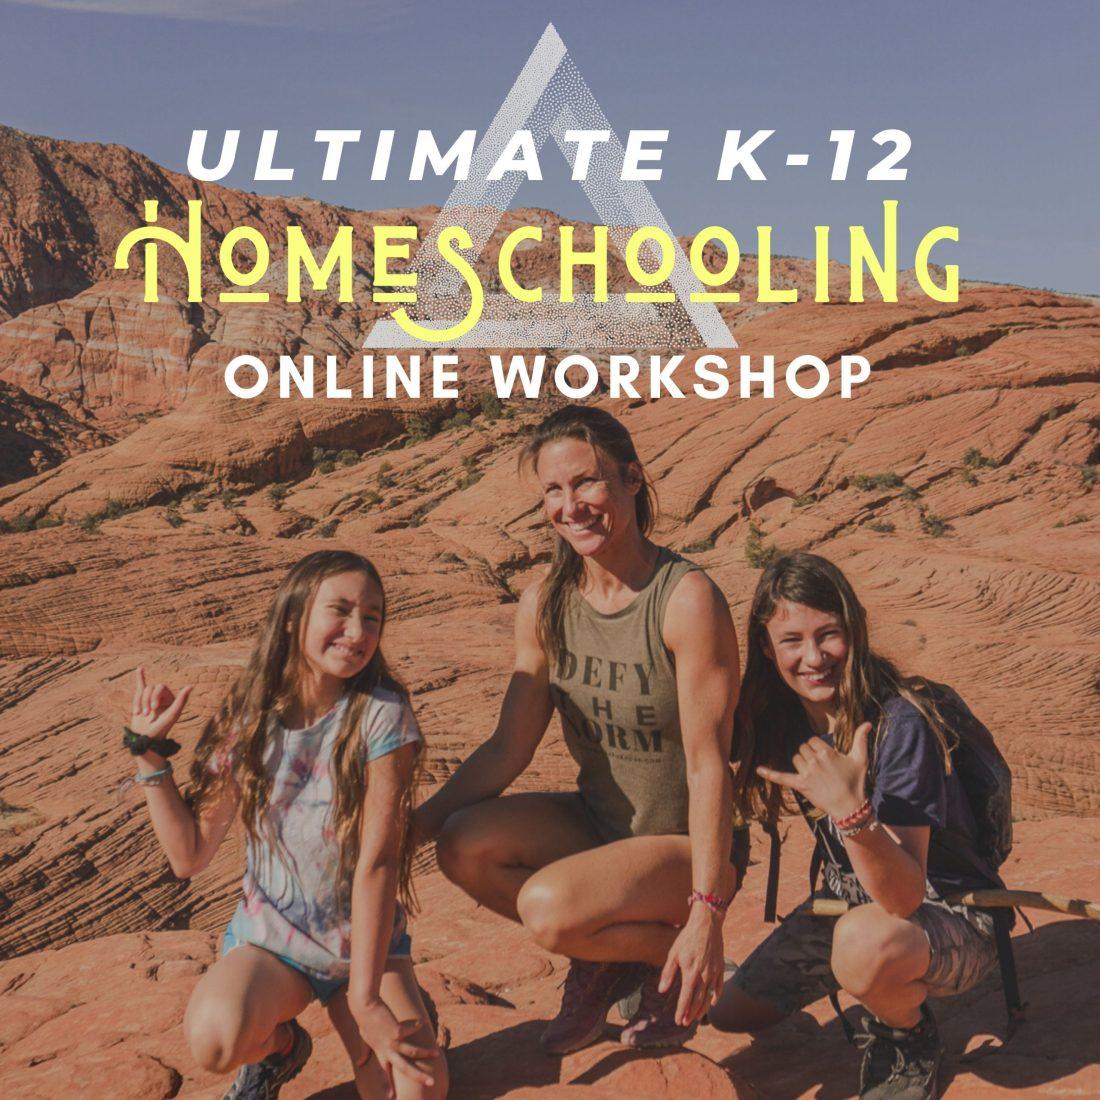 K-12 Homeschooling Workshop, Human Kind Project